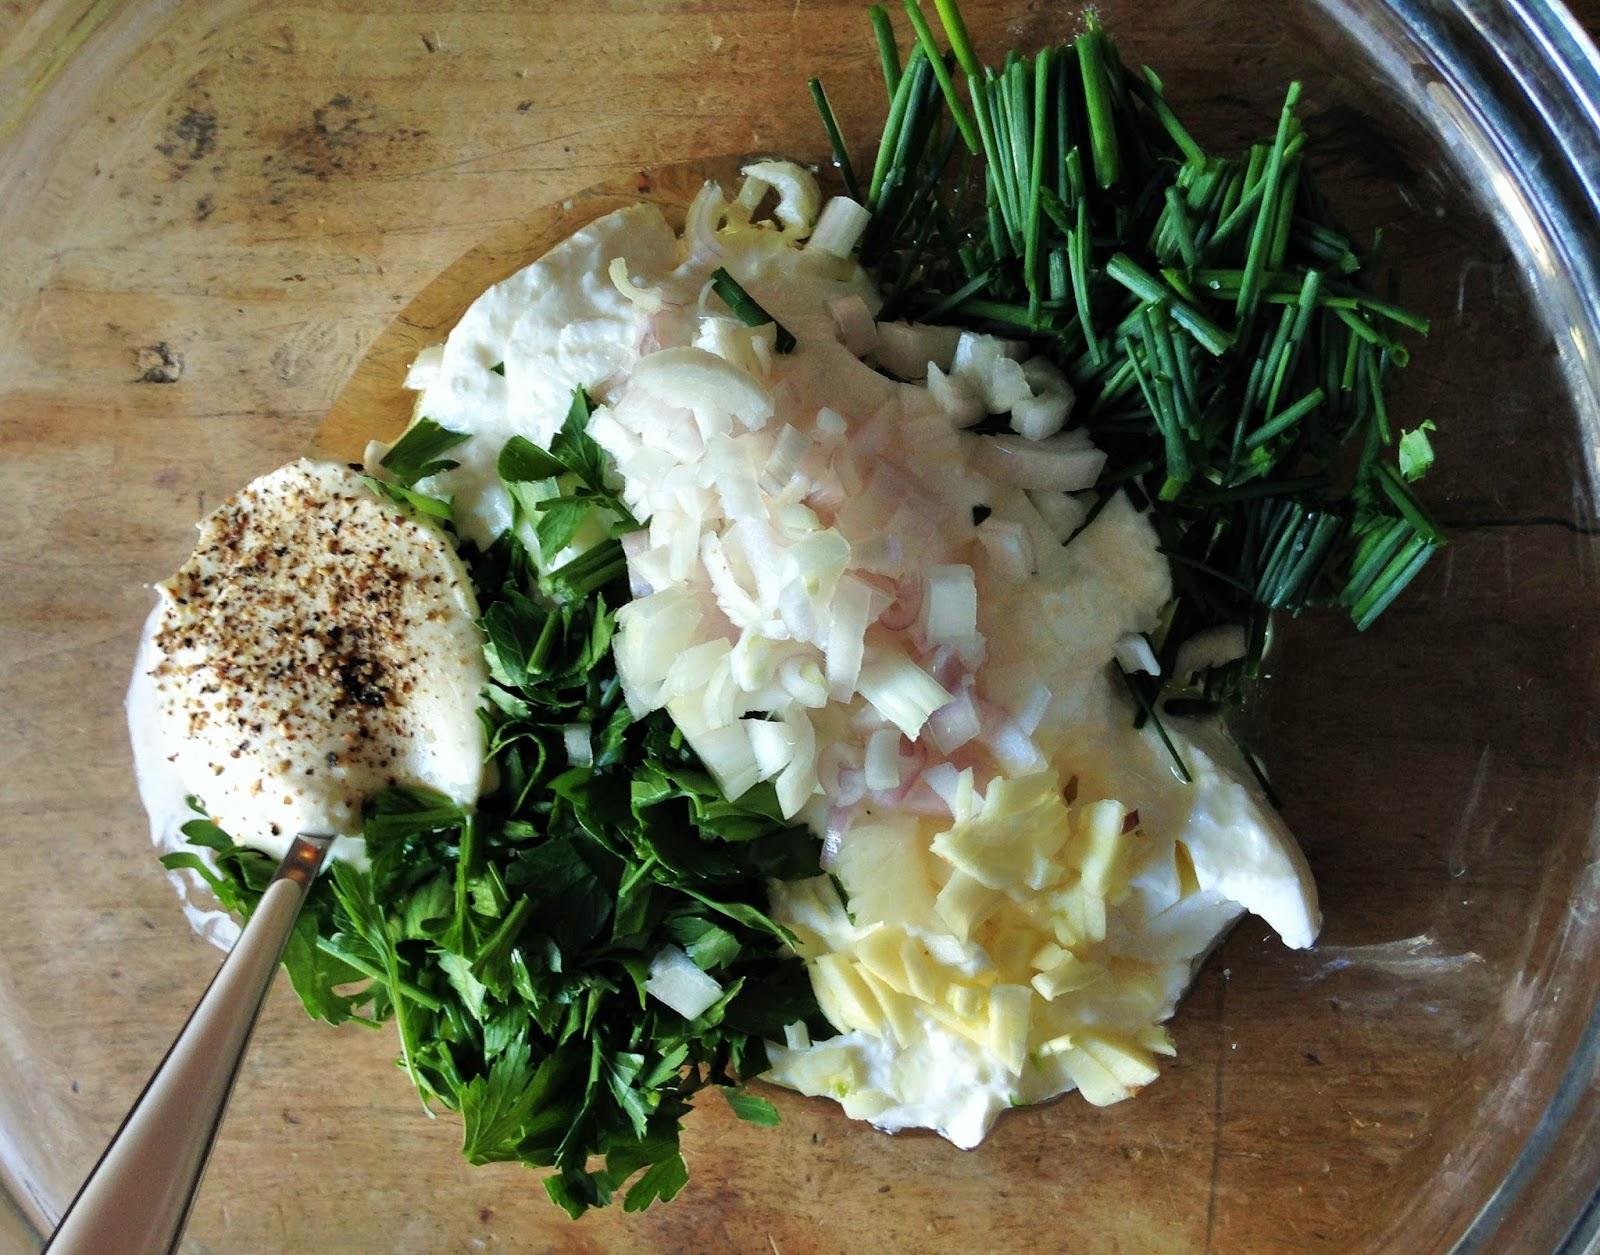 La laiterie de paris la cervelle de canut une sp cialit au fromage frais tout en douceur - La cervelle de canut ...